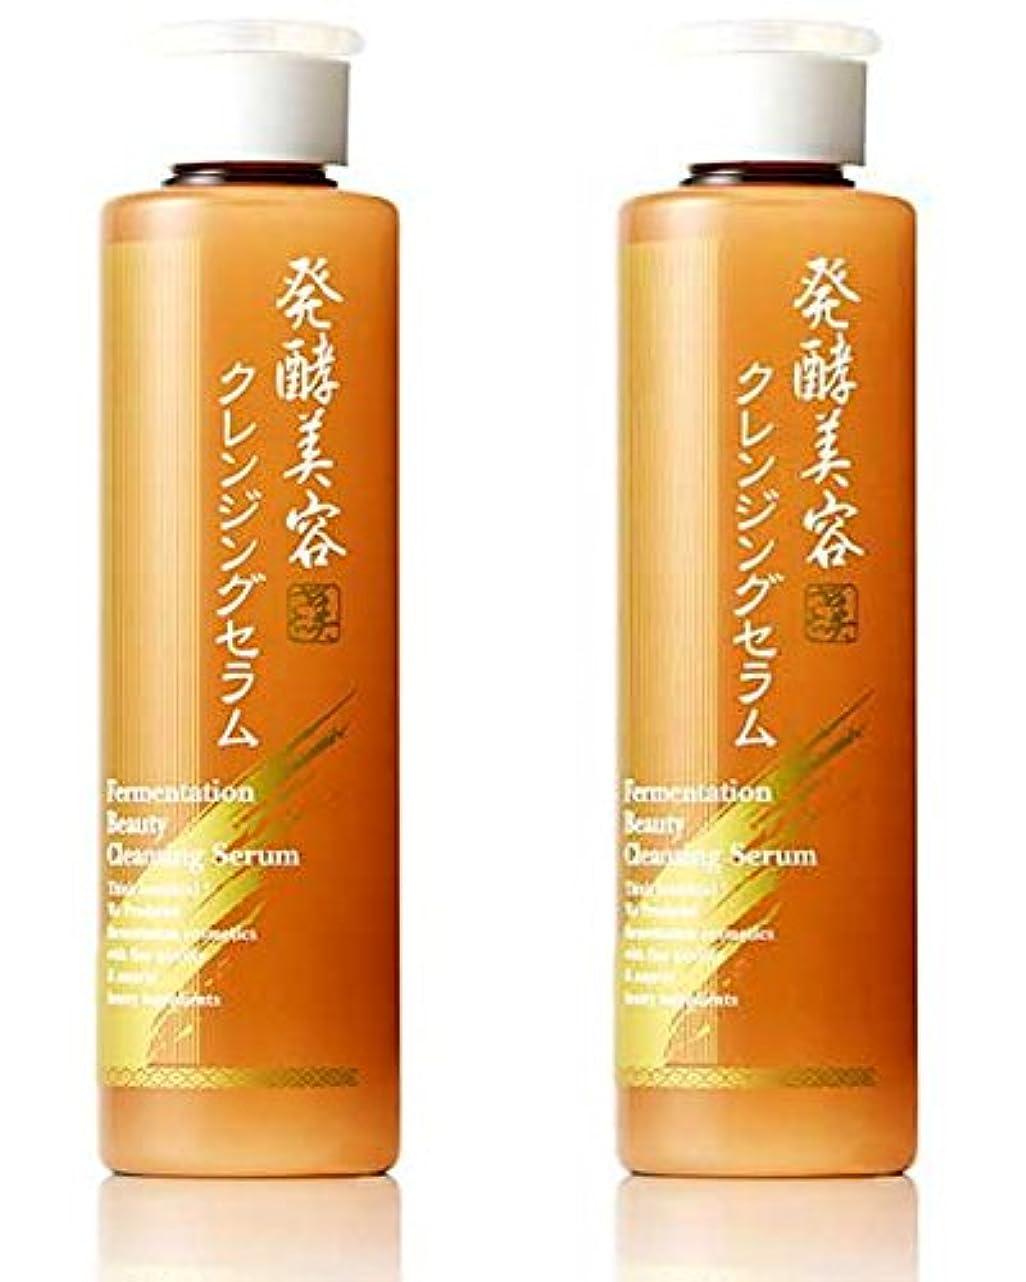 トラブルウェブ珍味美さを 発酵美容クレンジングセラム 2個セット(クレンジングウォーター美容液)